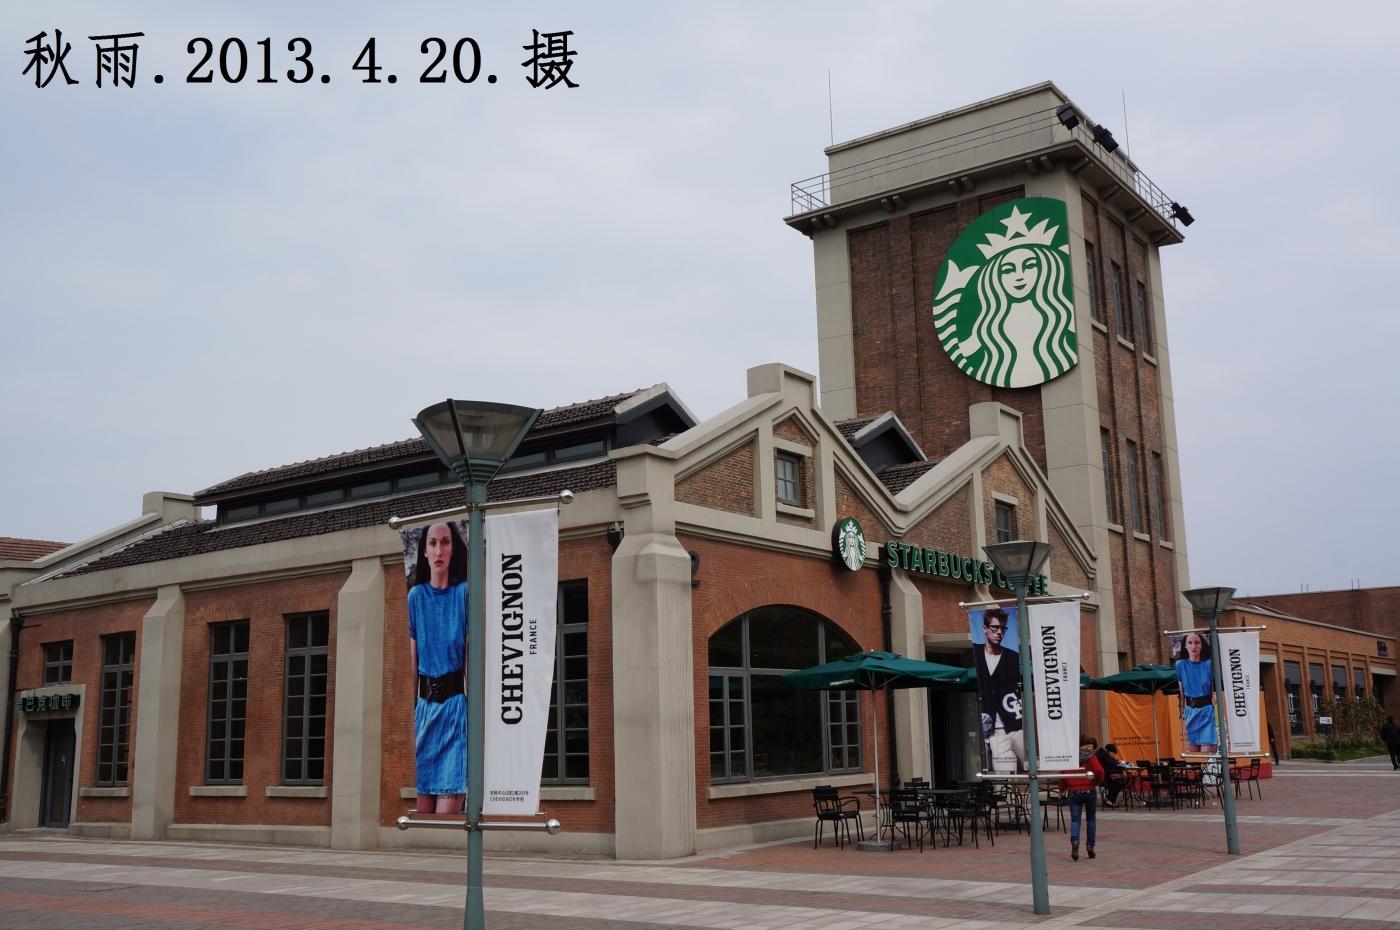 上海国际时尚中心,原国棉十七厂旧址(1),修旧如旧。摄影原创。 ..._图1-19